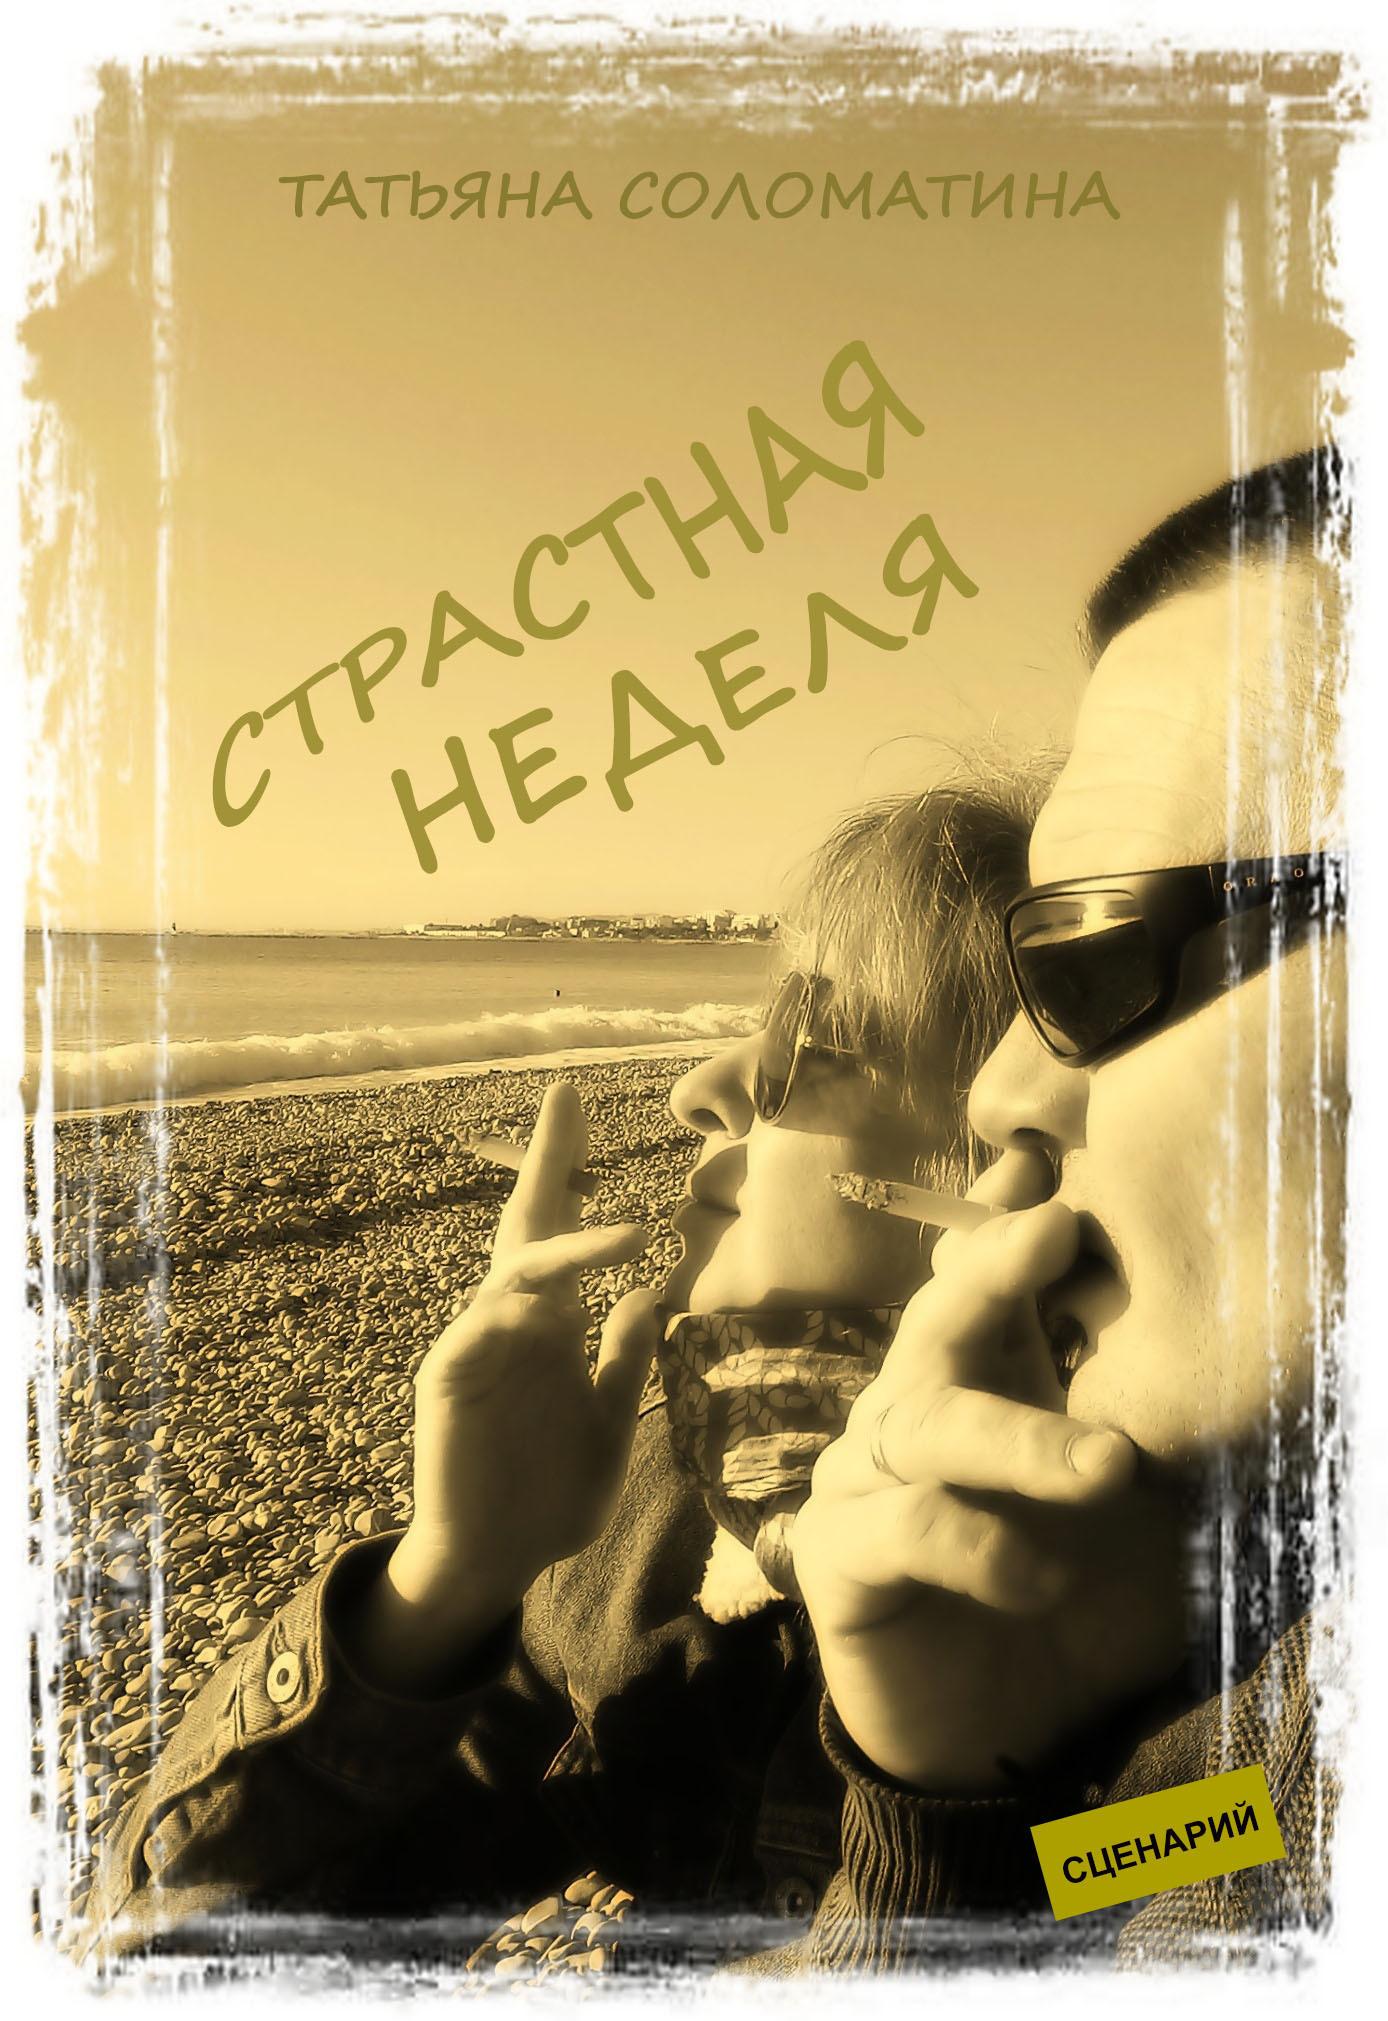 Татьяна Соломатина - Страстная неделя